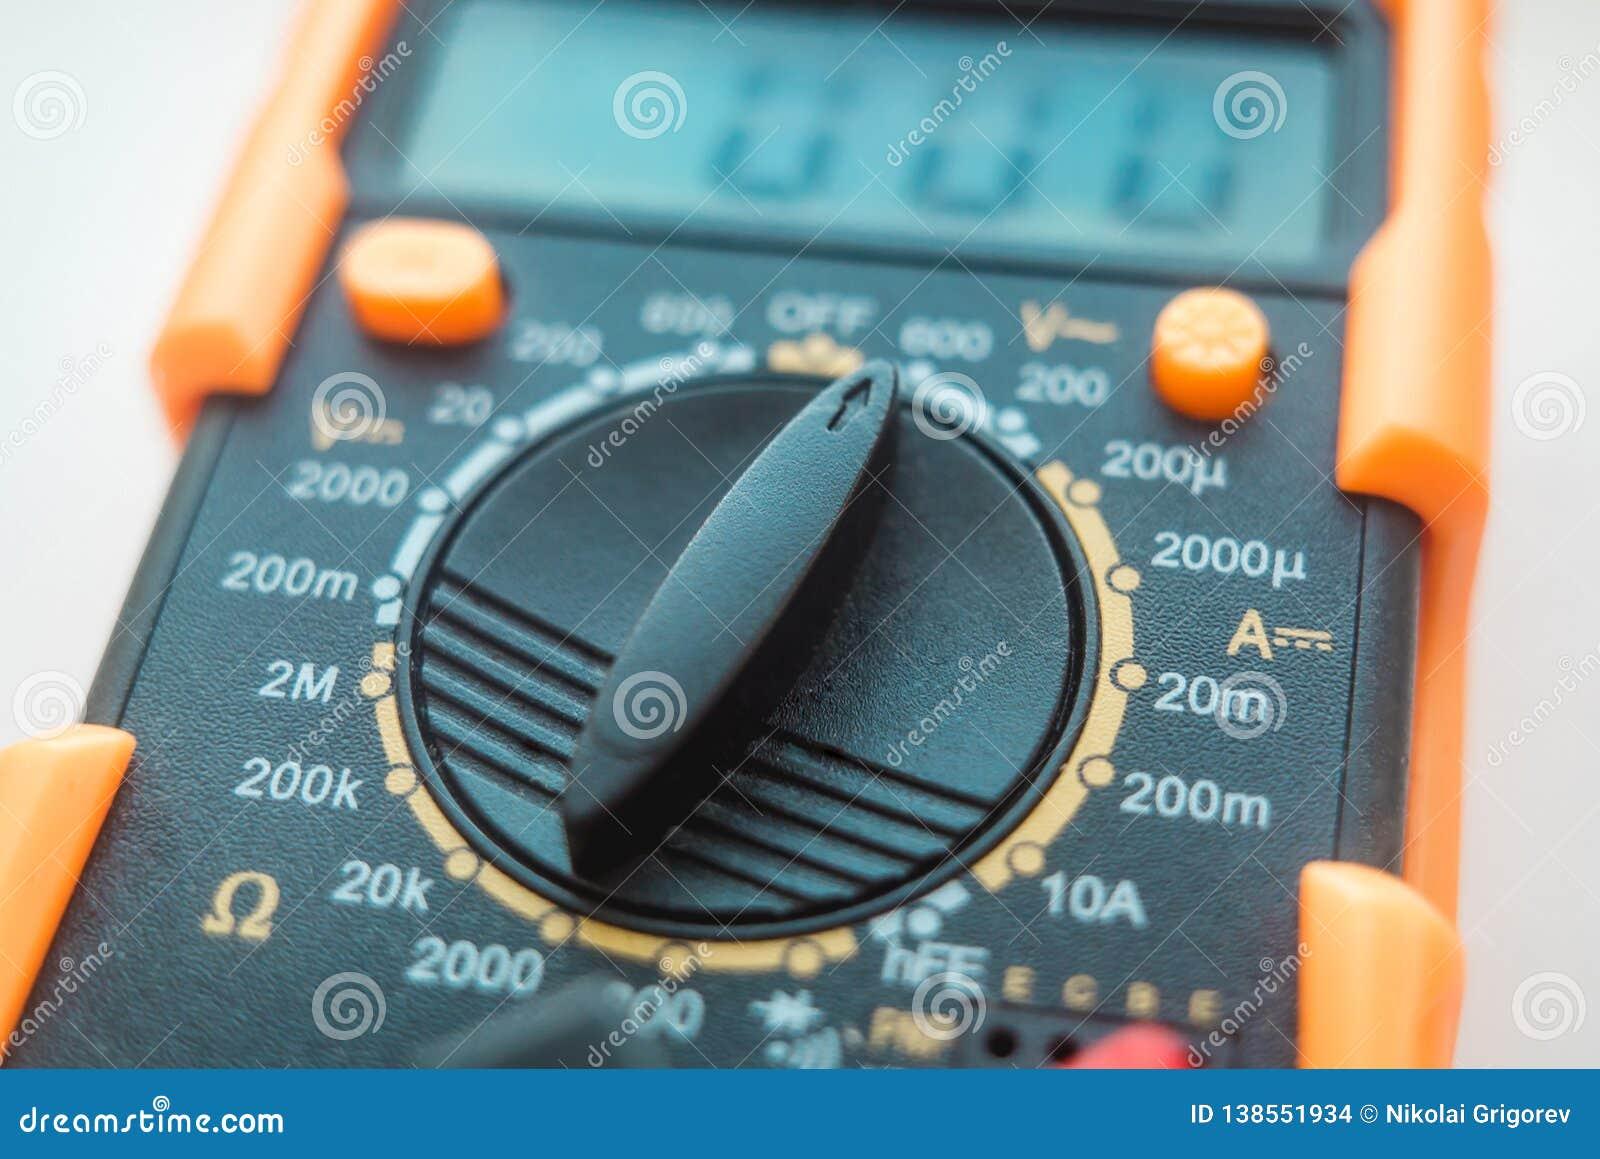 La foto del dispositivo para la medida de la corriente y la tensión de la electricidad